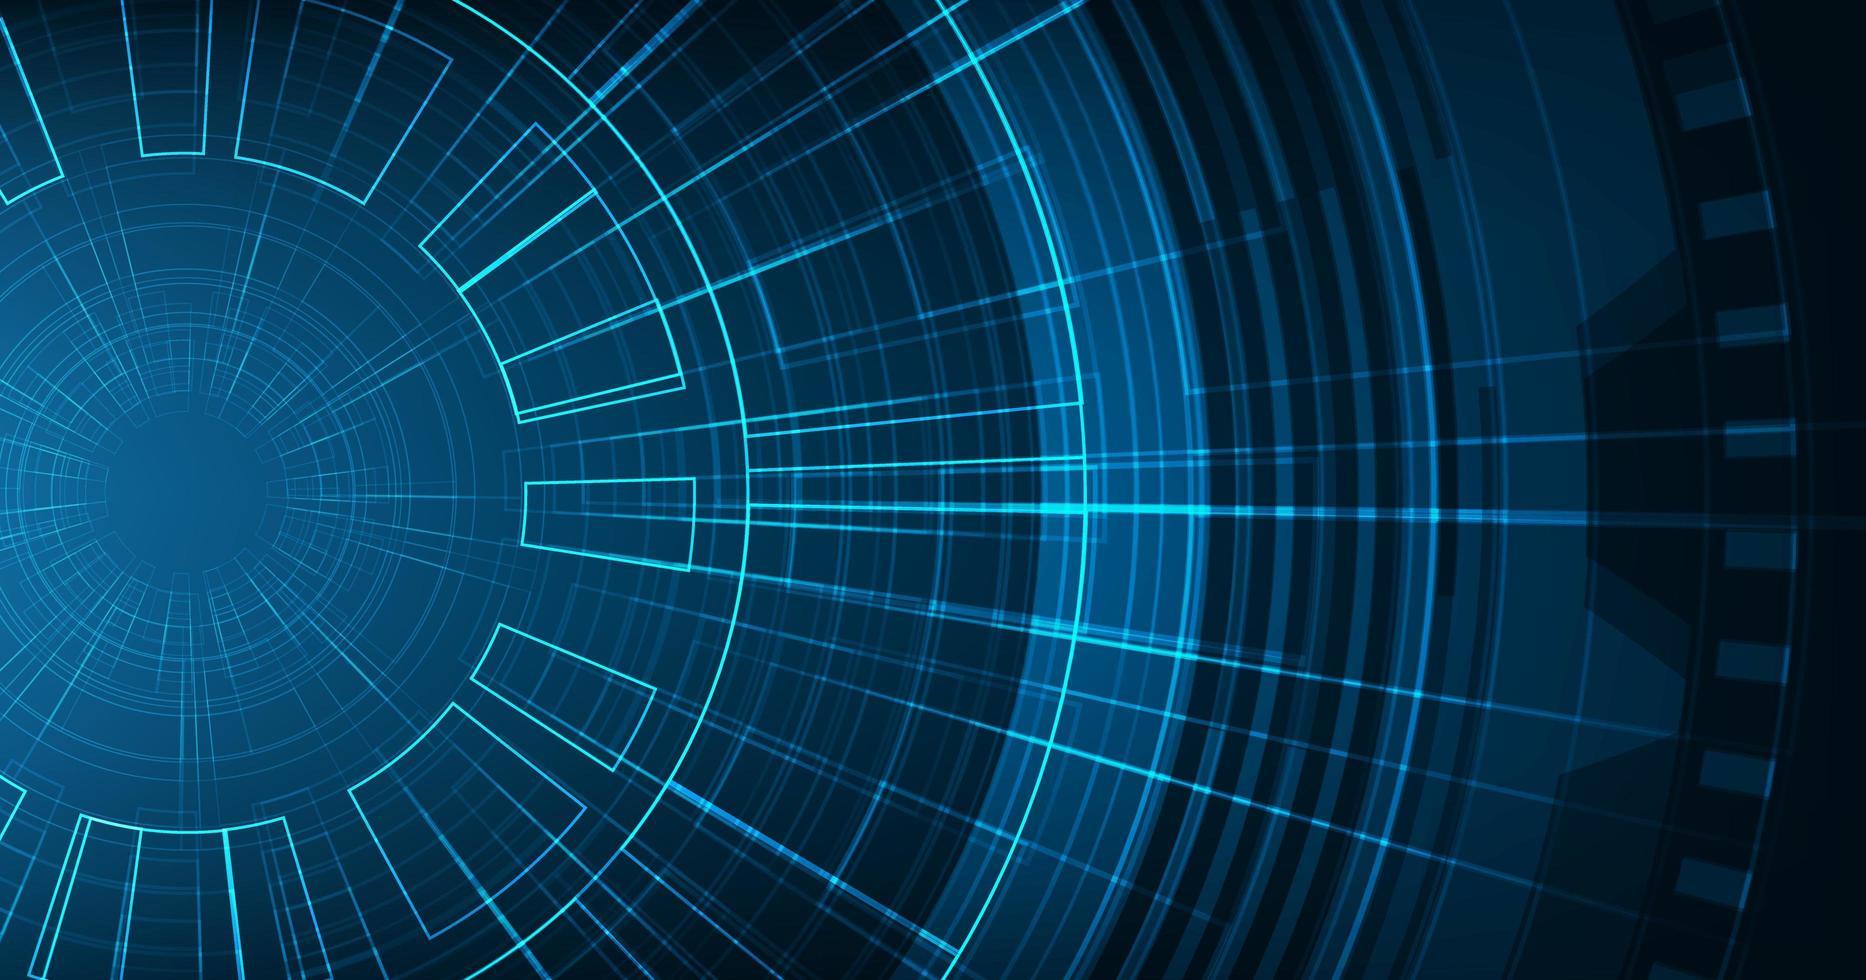 modern kretsmikrochip på teknikbakgrund, högteknologisk digital och säkerhetskonceptdesign vektor